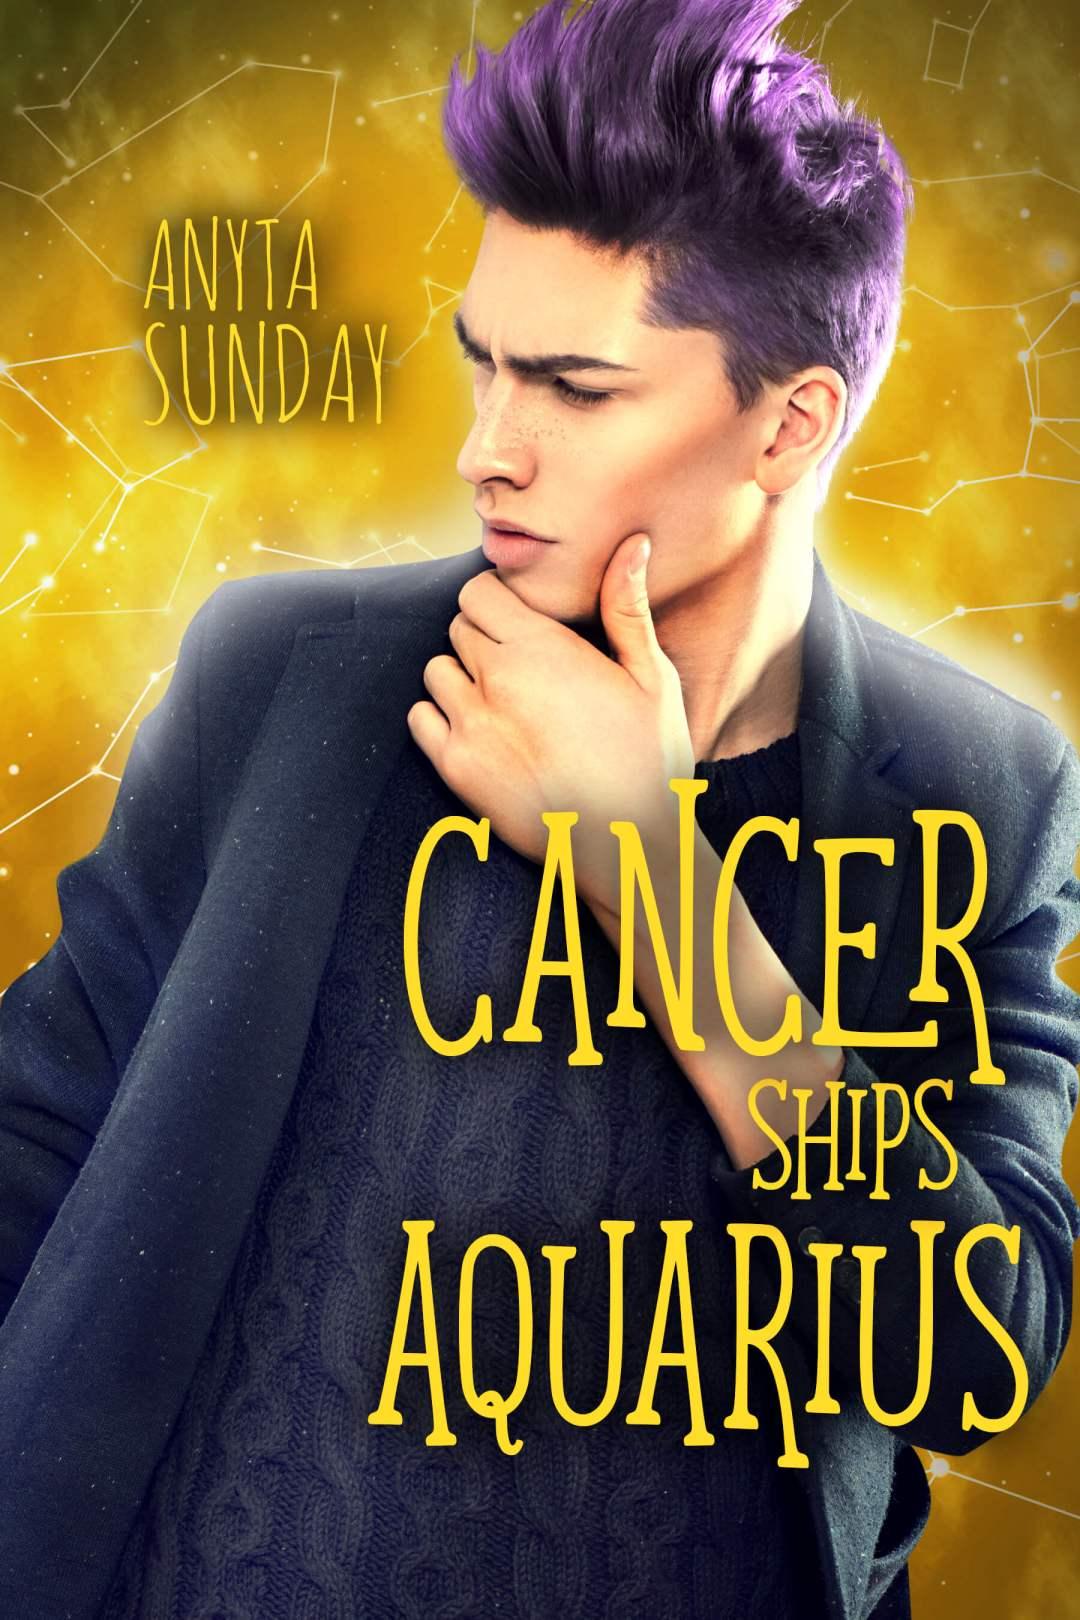 CancerShipsAquarius-f